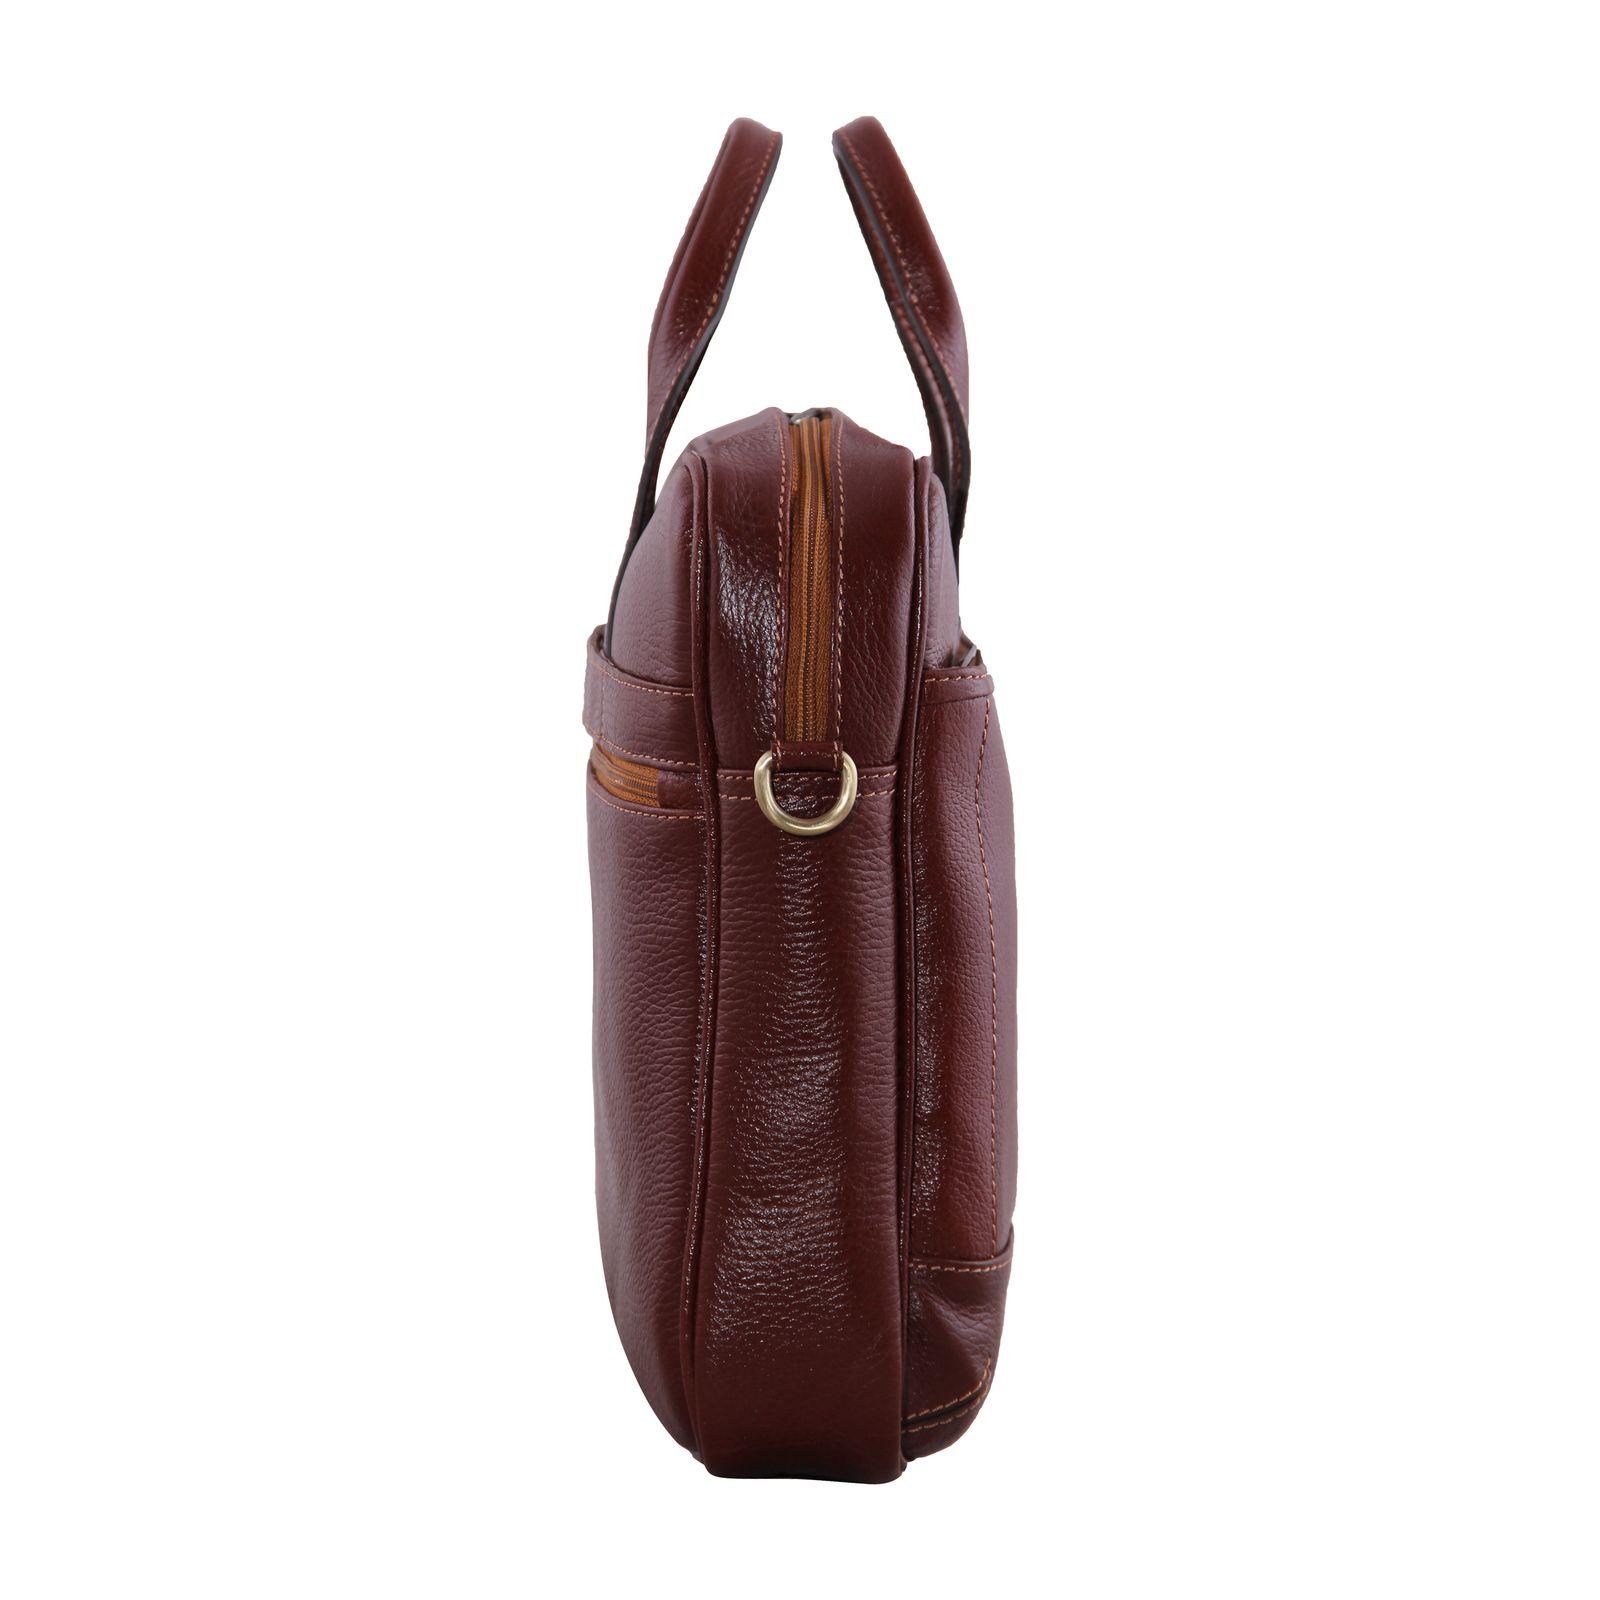 کیف اداری مردانه شهر چرم مدل SH11101-3 -  - 5